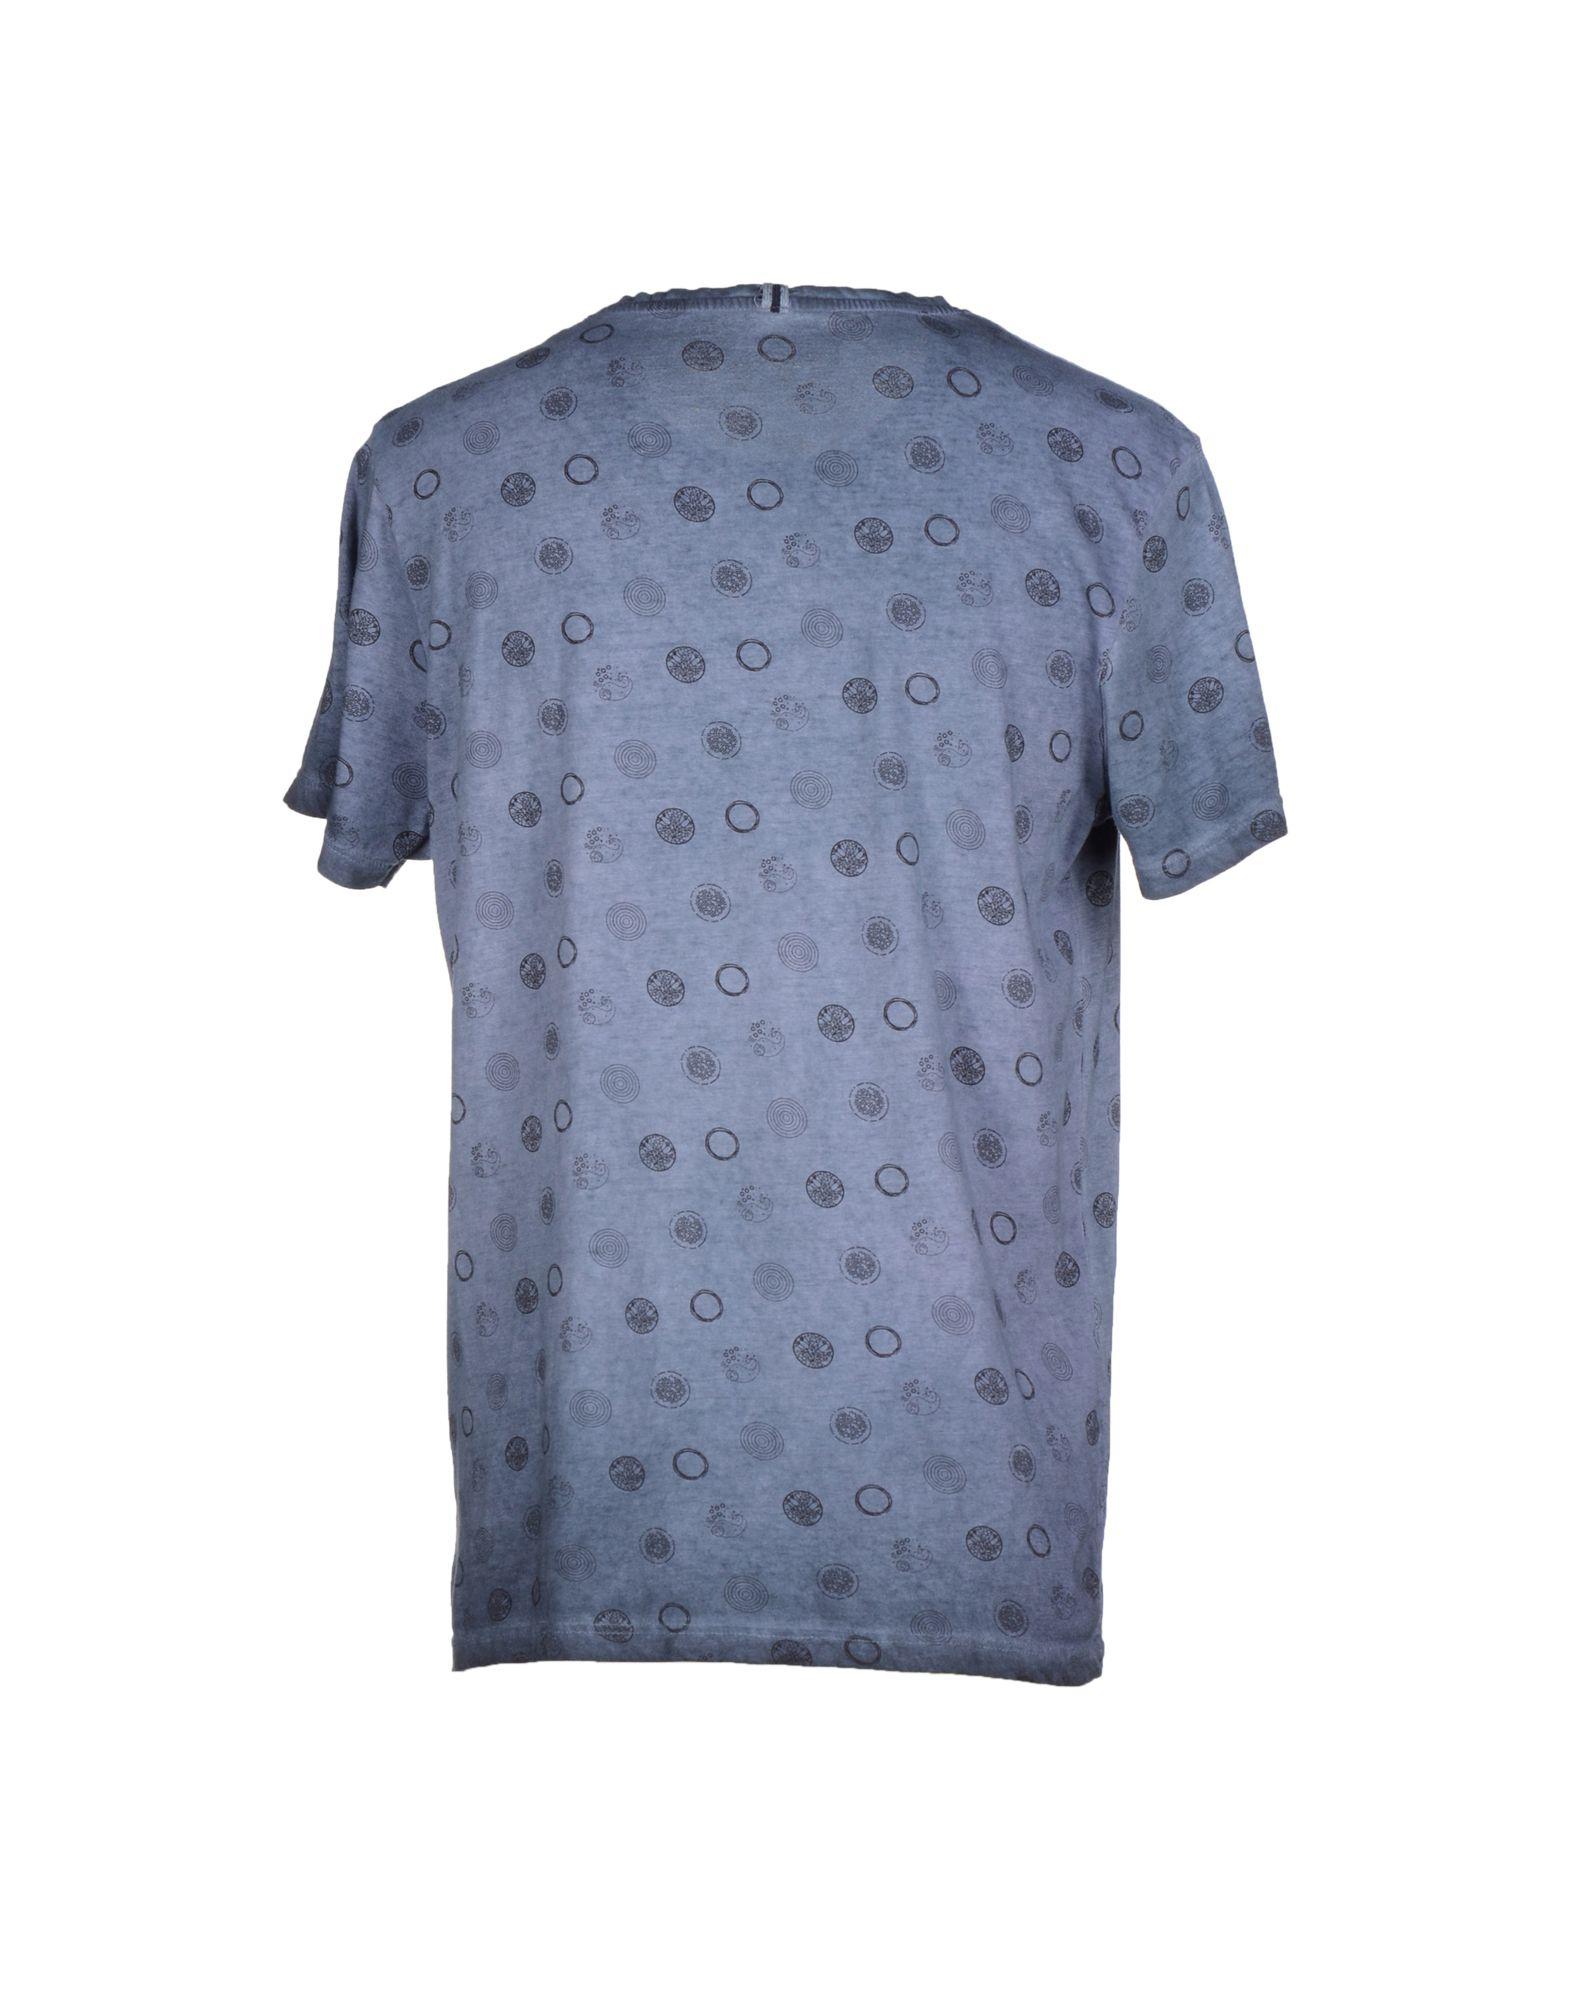 lyst originals by jack jones t shirt in blue for men. Black Bedroom Furniture Sets. Home Design Ideas